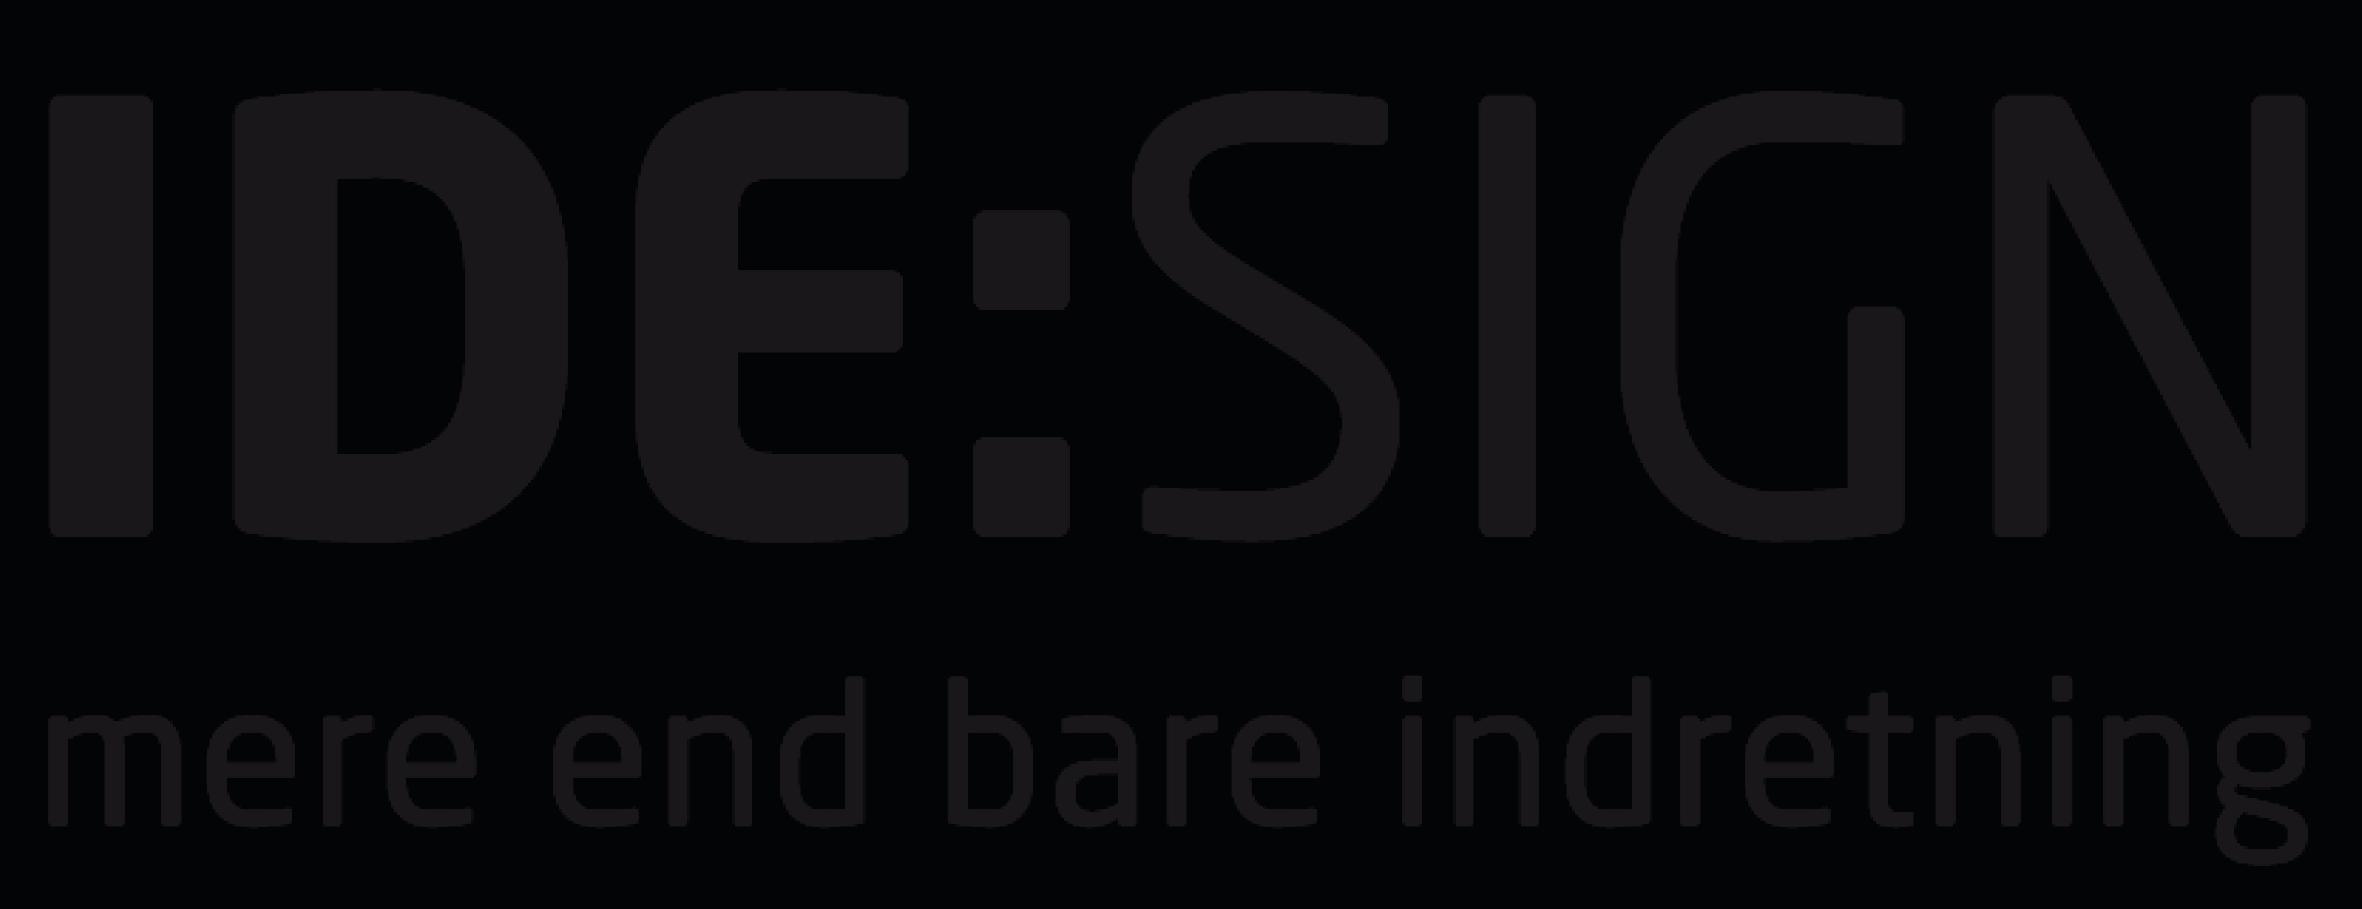 IDESIGN logo - mere end bare indretning